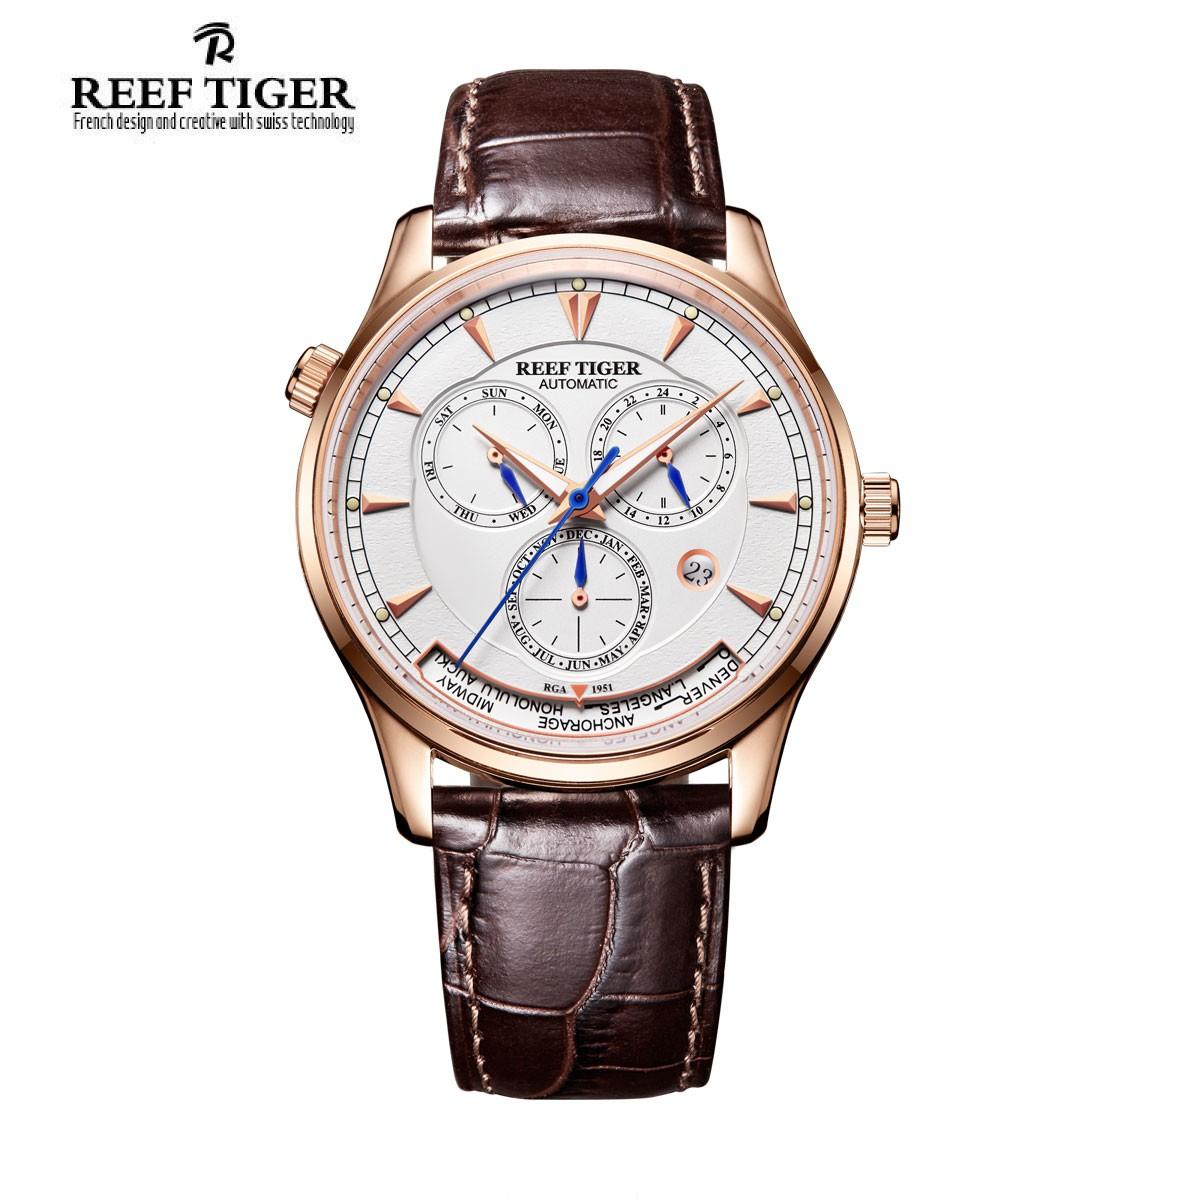 thương hiệu đồng hồ reef tiger